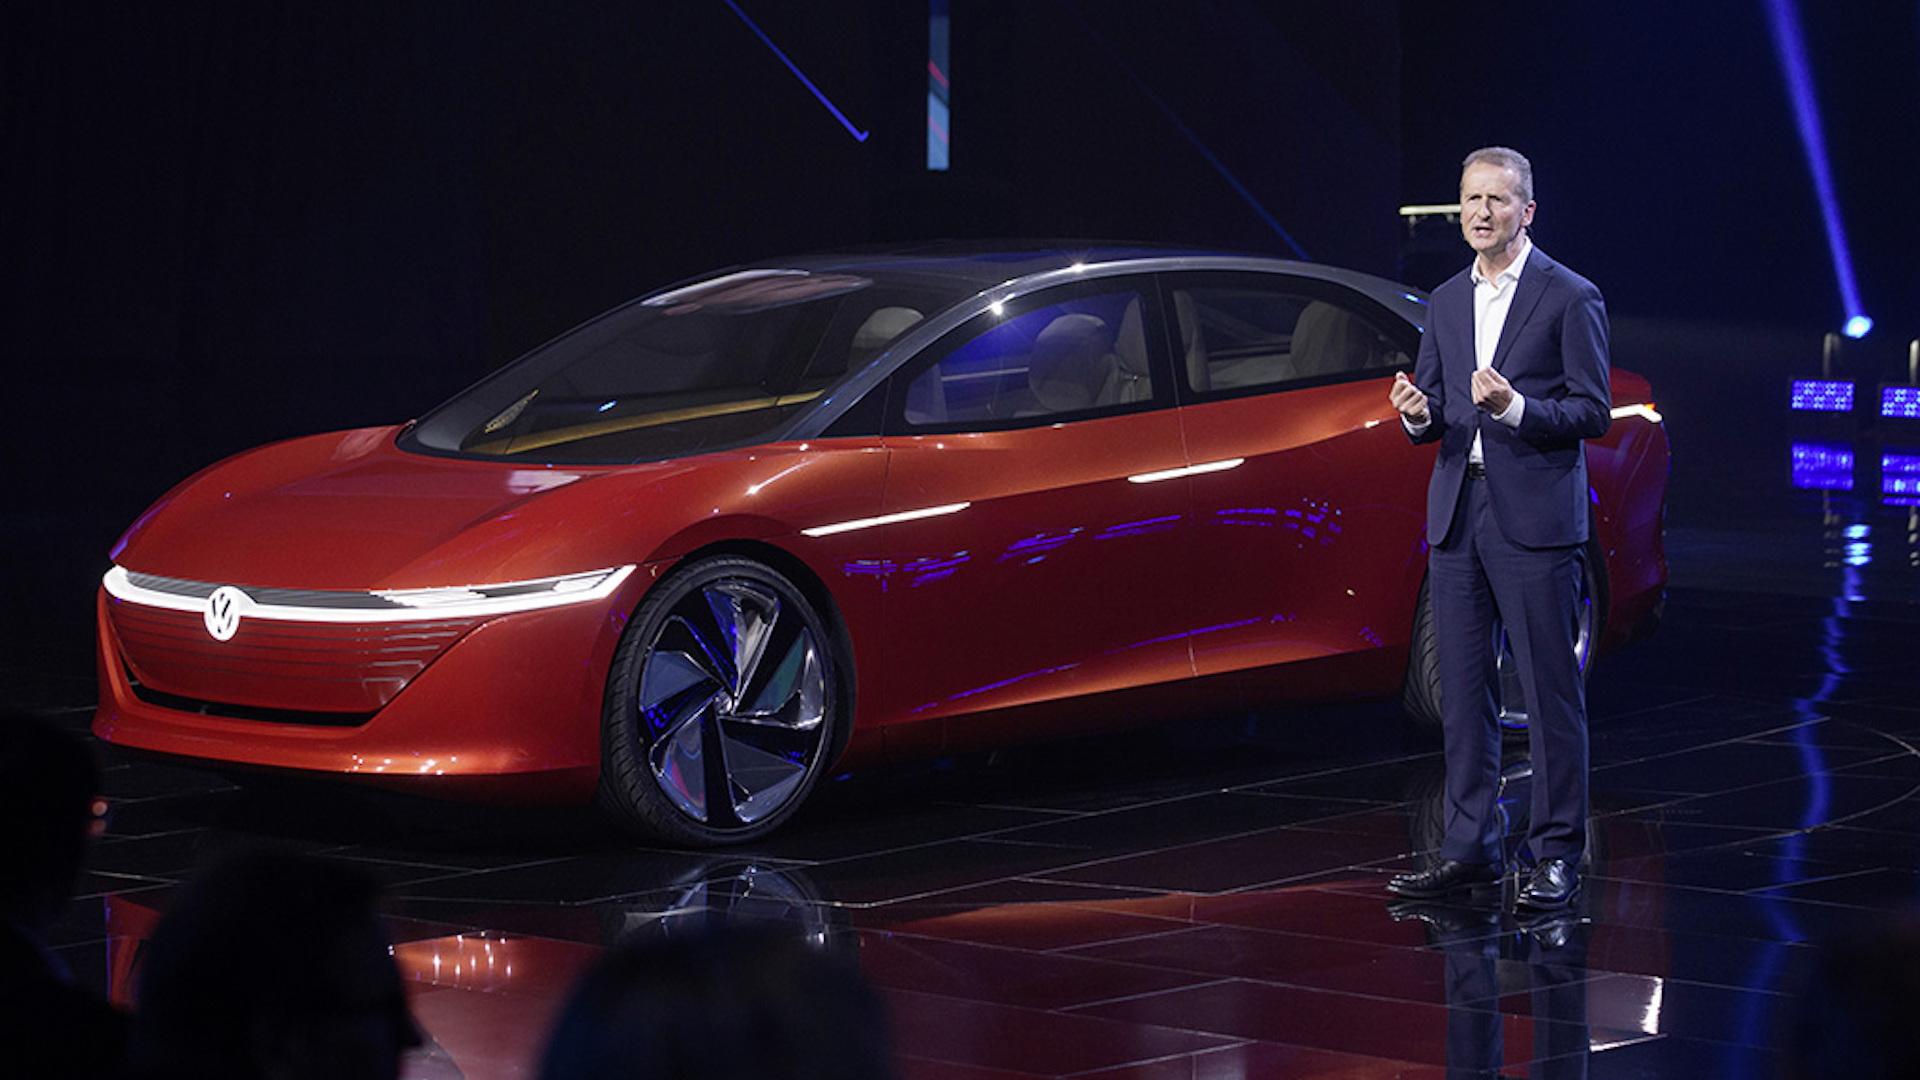 Volkswagen Group CEO Herbert Diess